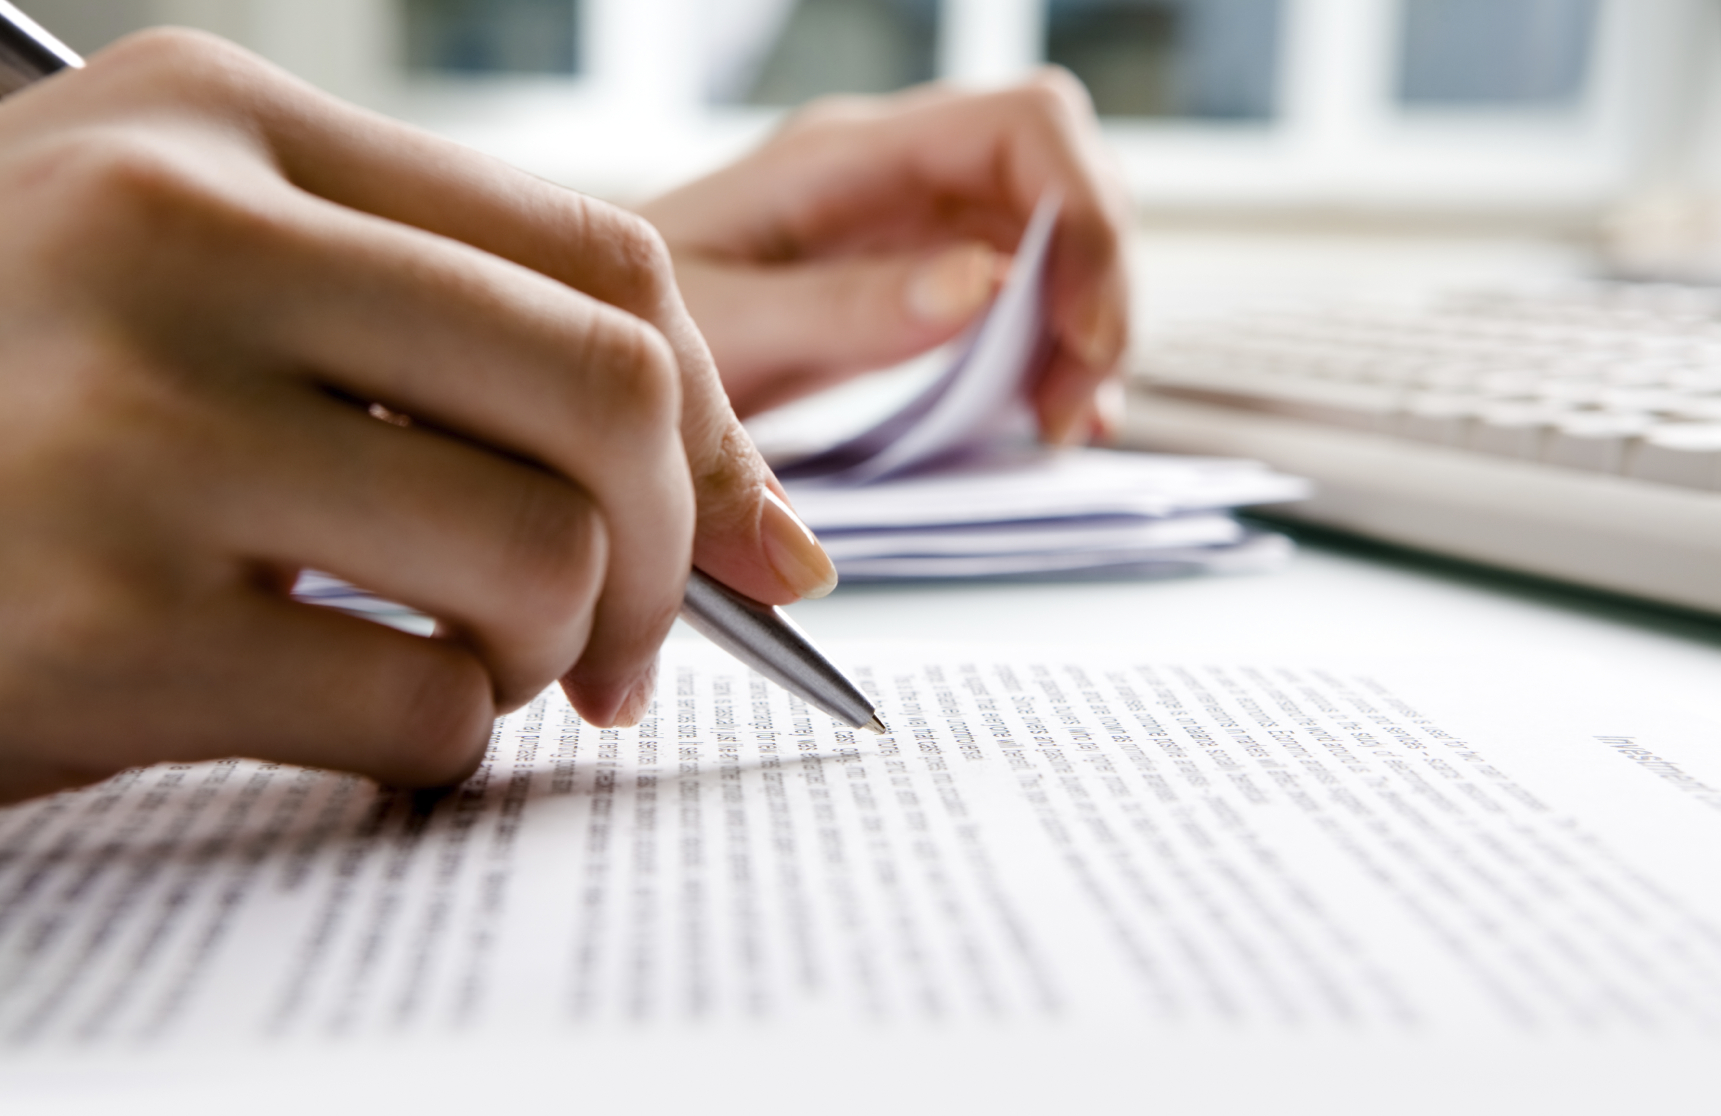 Examining Paperwork